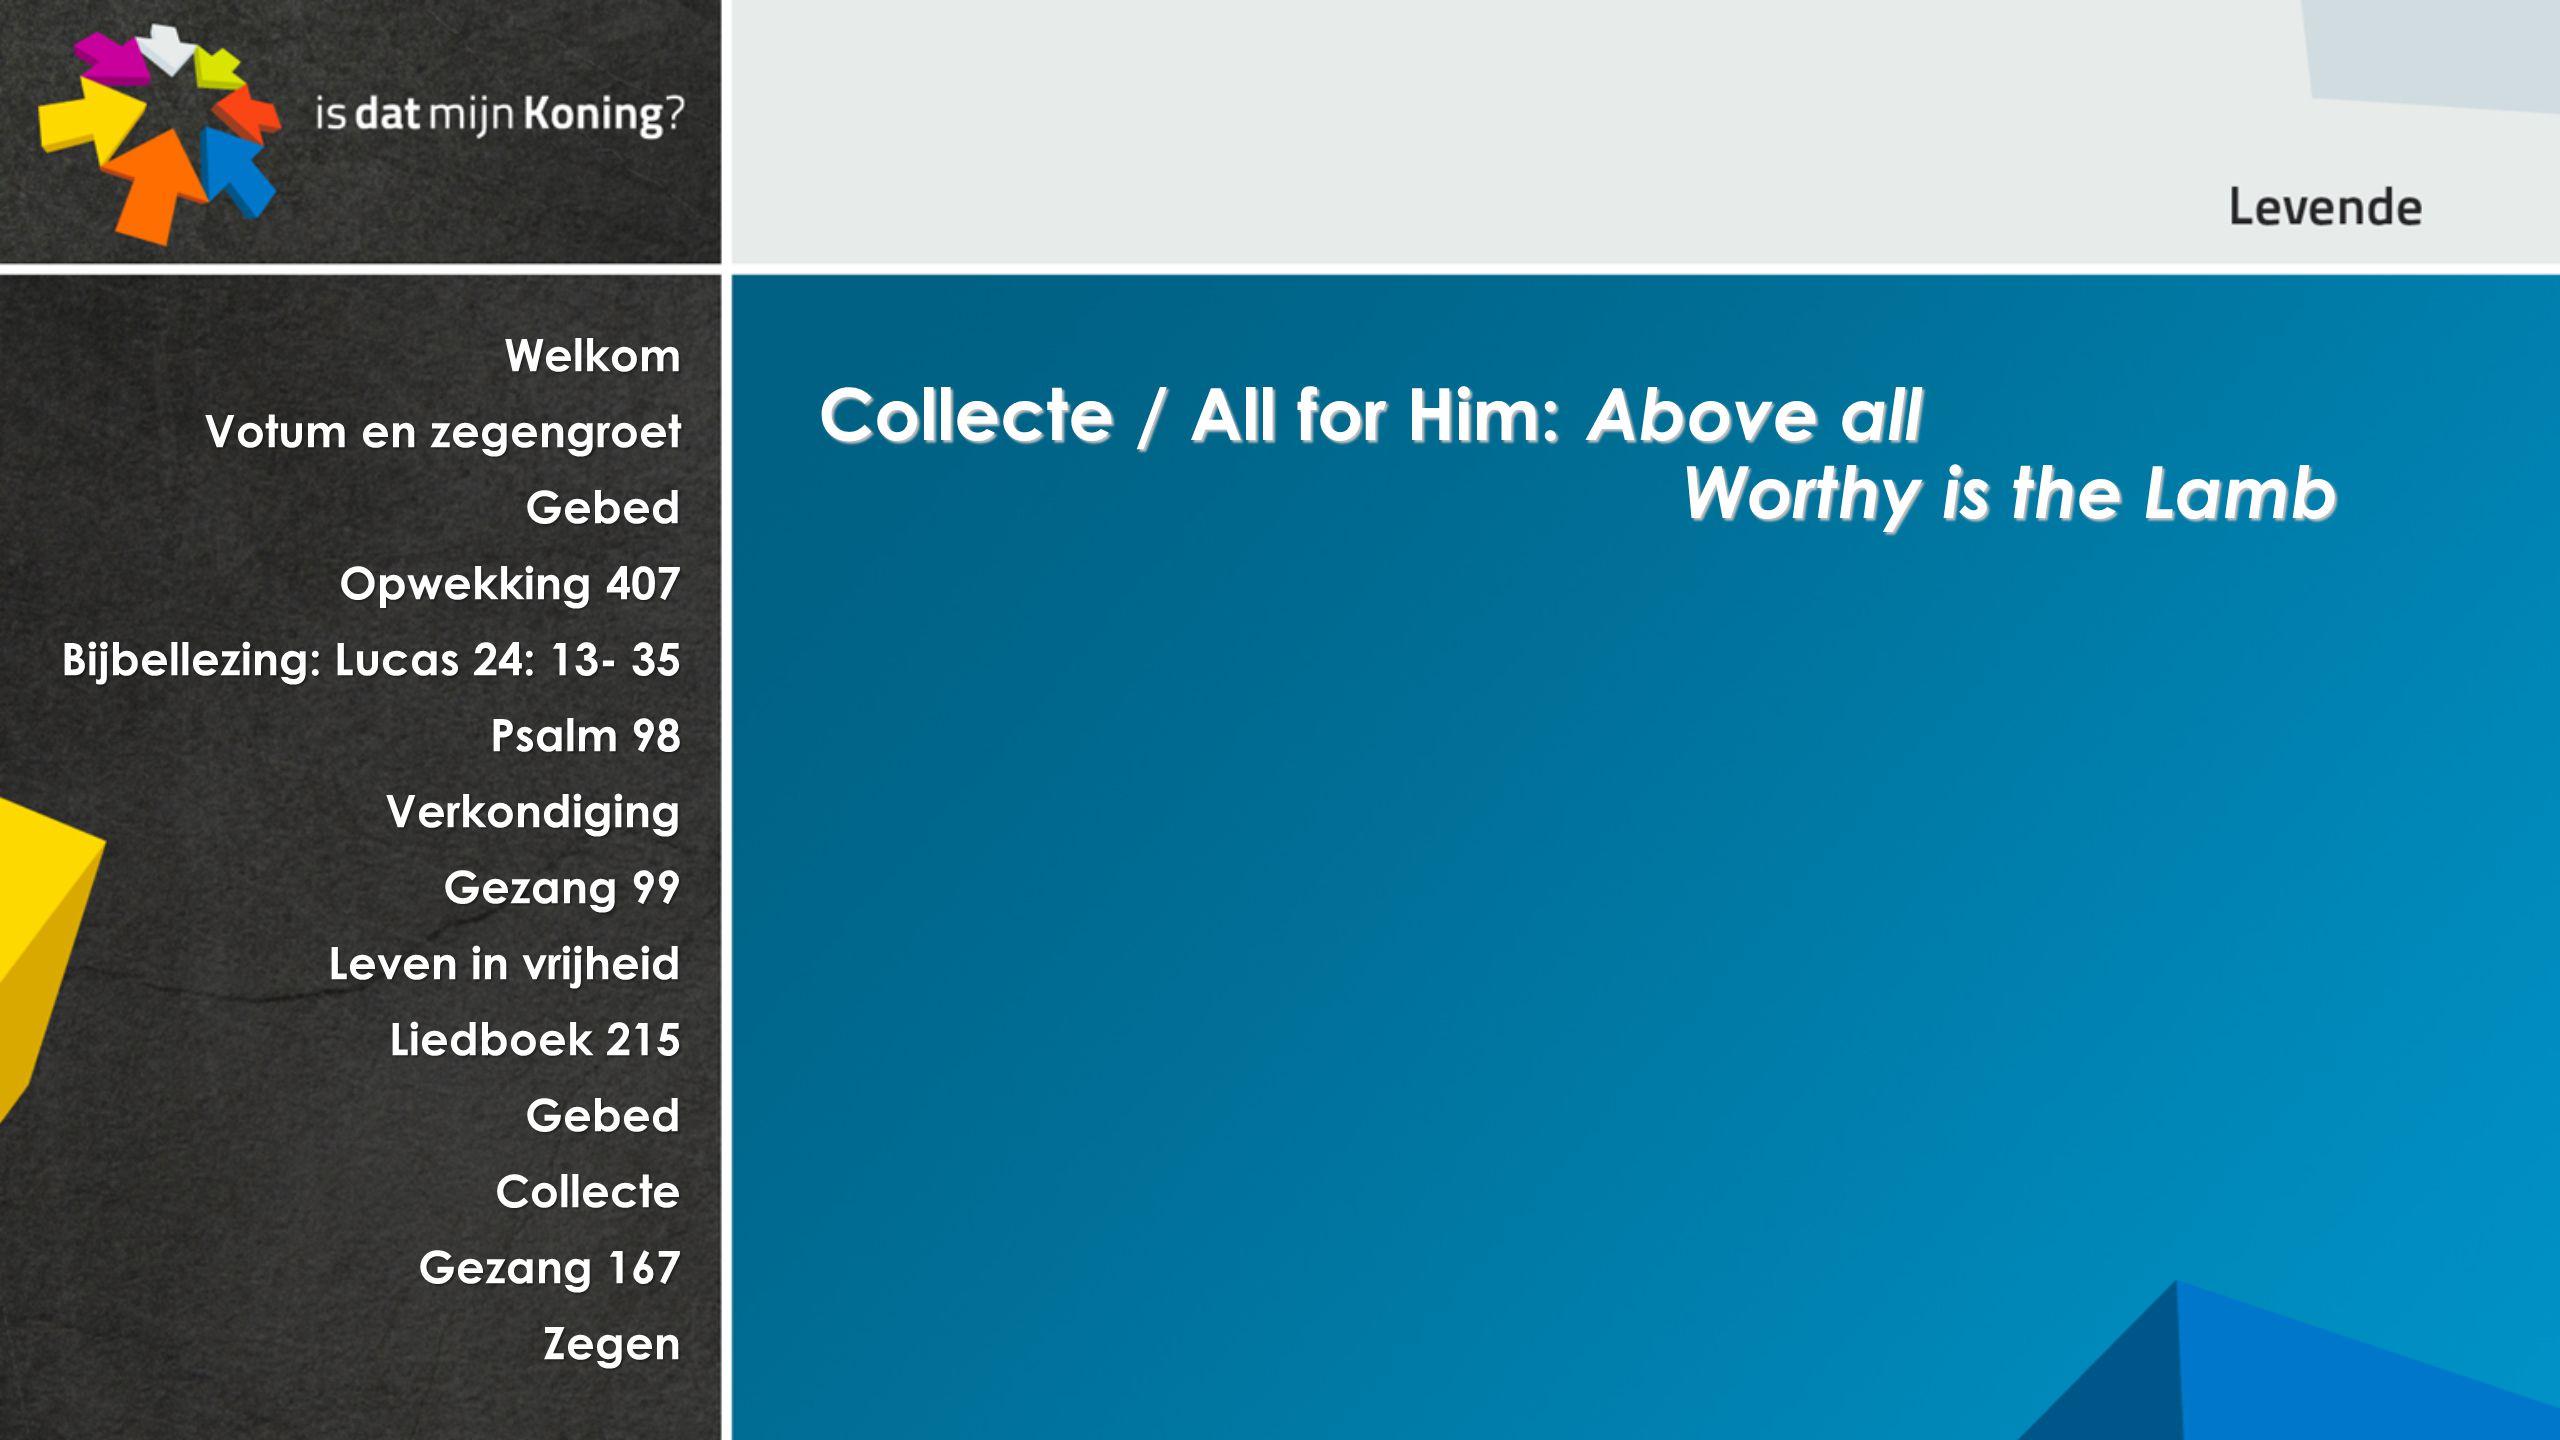 Welkom Votum en zegengroet Gebed Opwekking 407 Bijbellezing: Lucas 24: 13- 35 Psalm 98 Verkondiging Gezang 99 Leven in vrijheid Liedboek 215 GebedCollecte Gezang 167 Zegen Collecte / All for Him: Above all Worthy is the Lamb